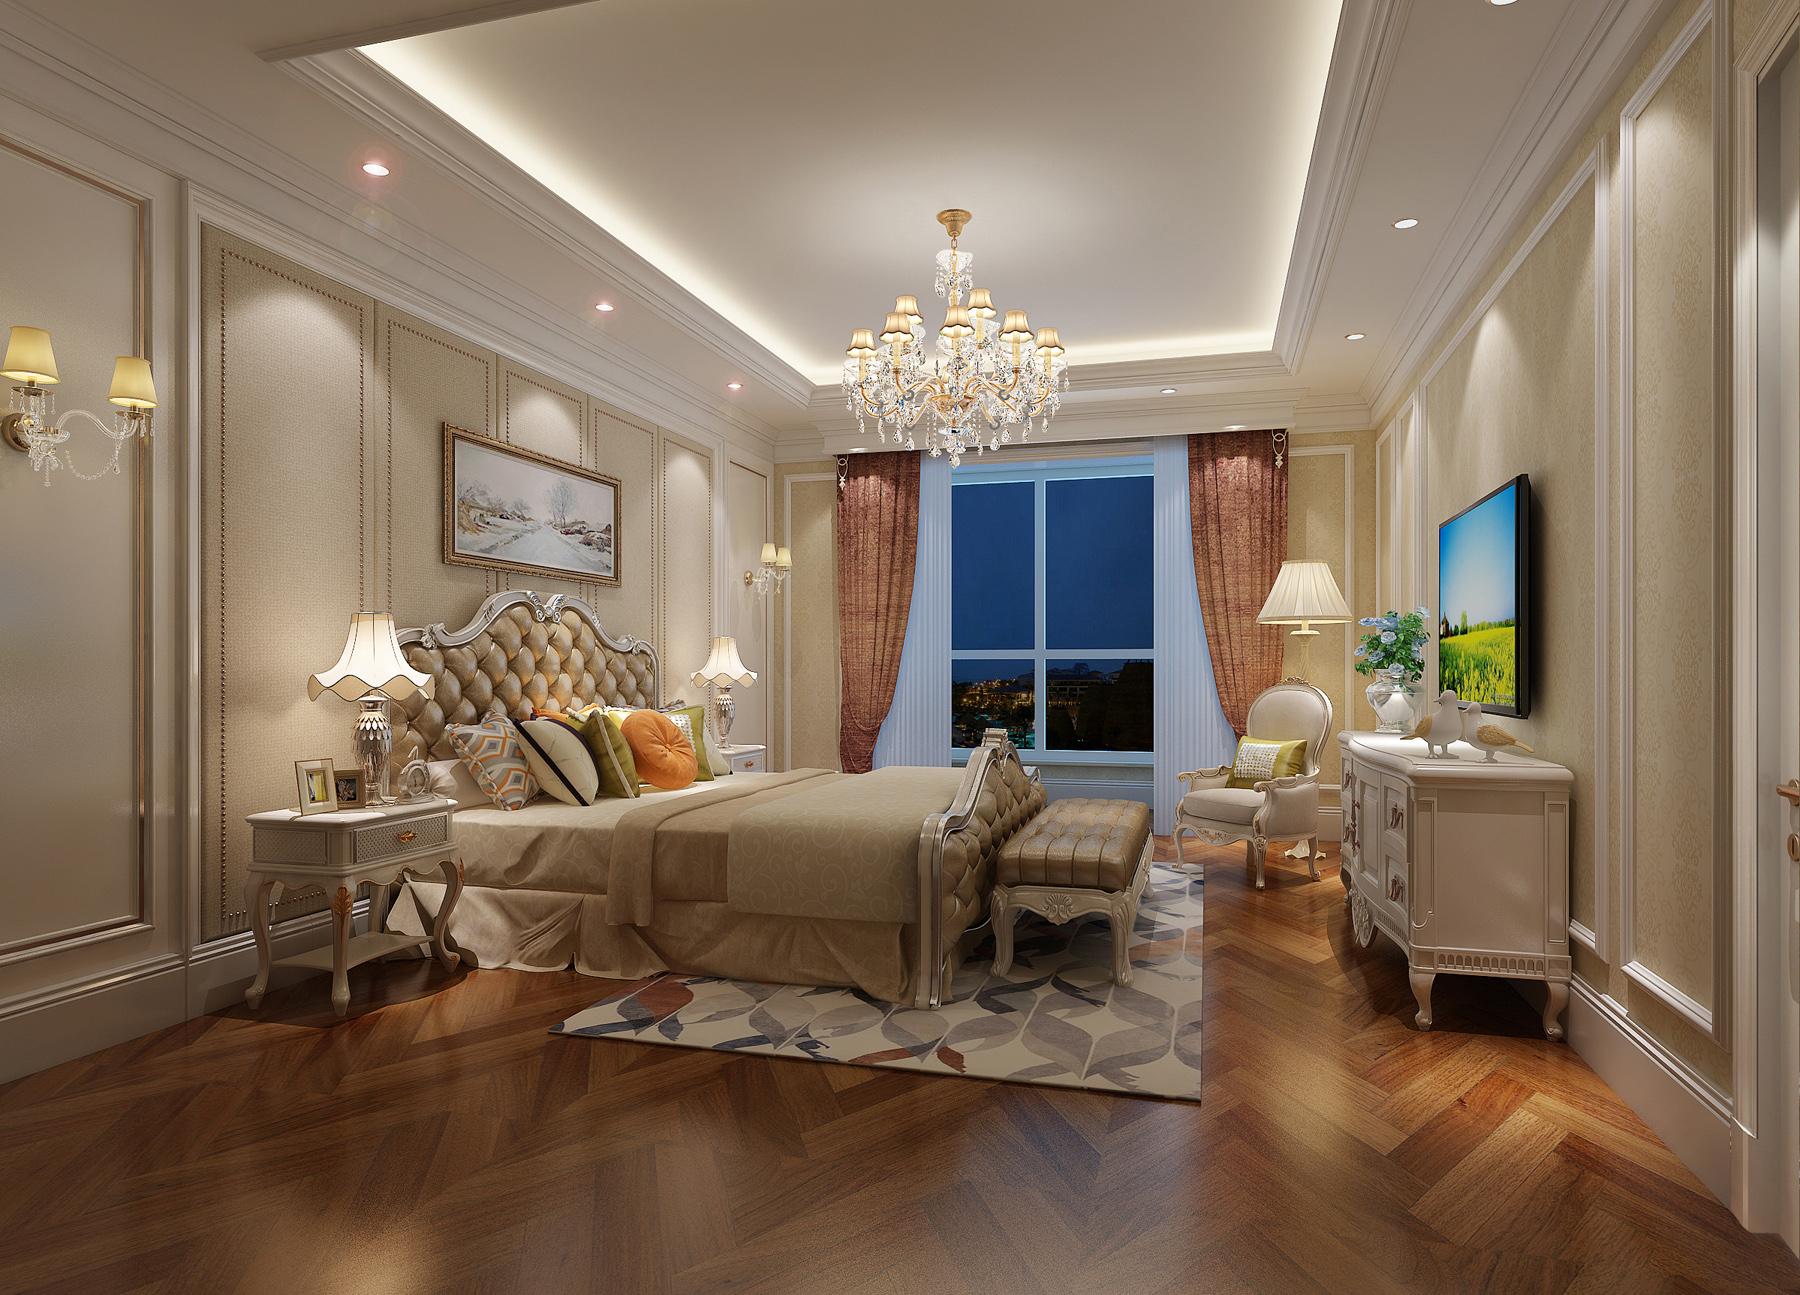 欧式风格的主基调为白色,主要的用材为石膏线,石材,铁艺,玻璃,壁纸图片